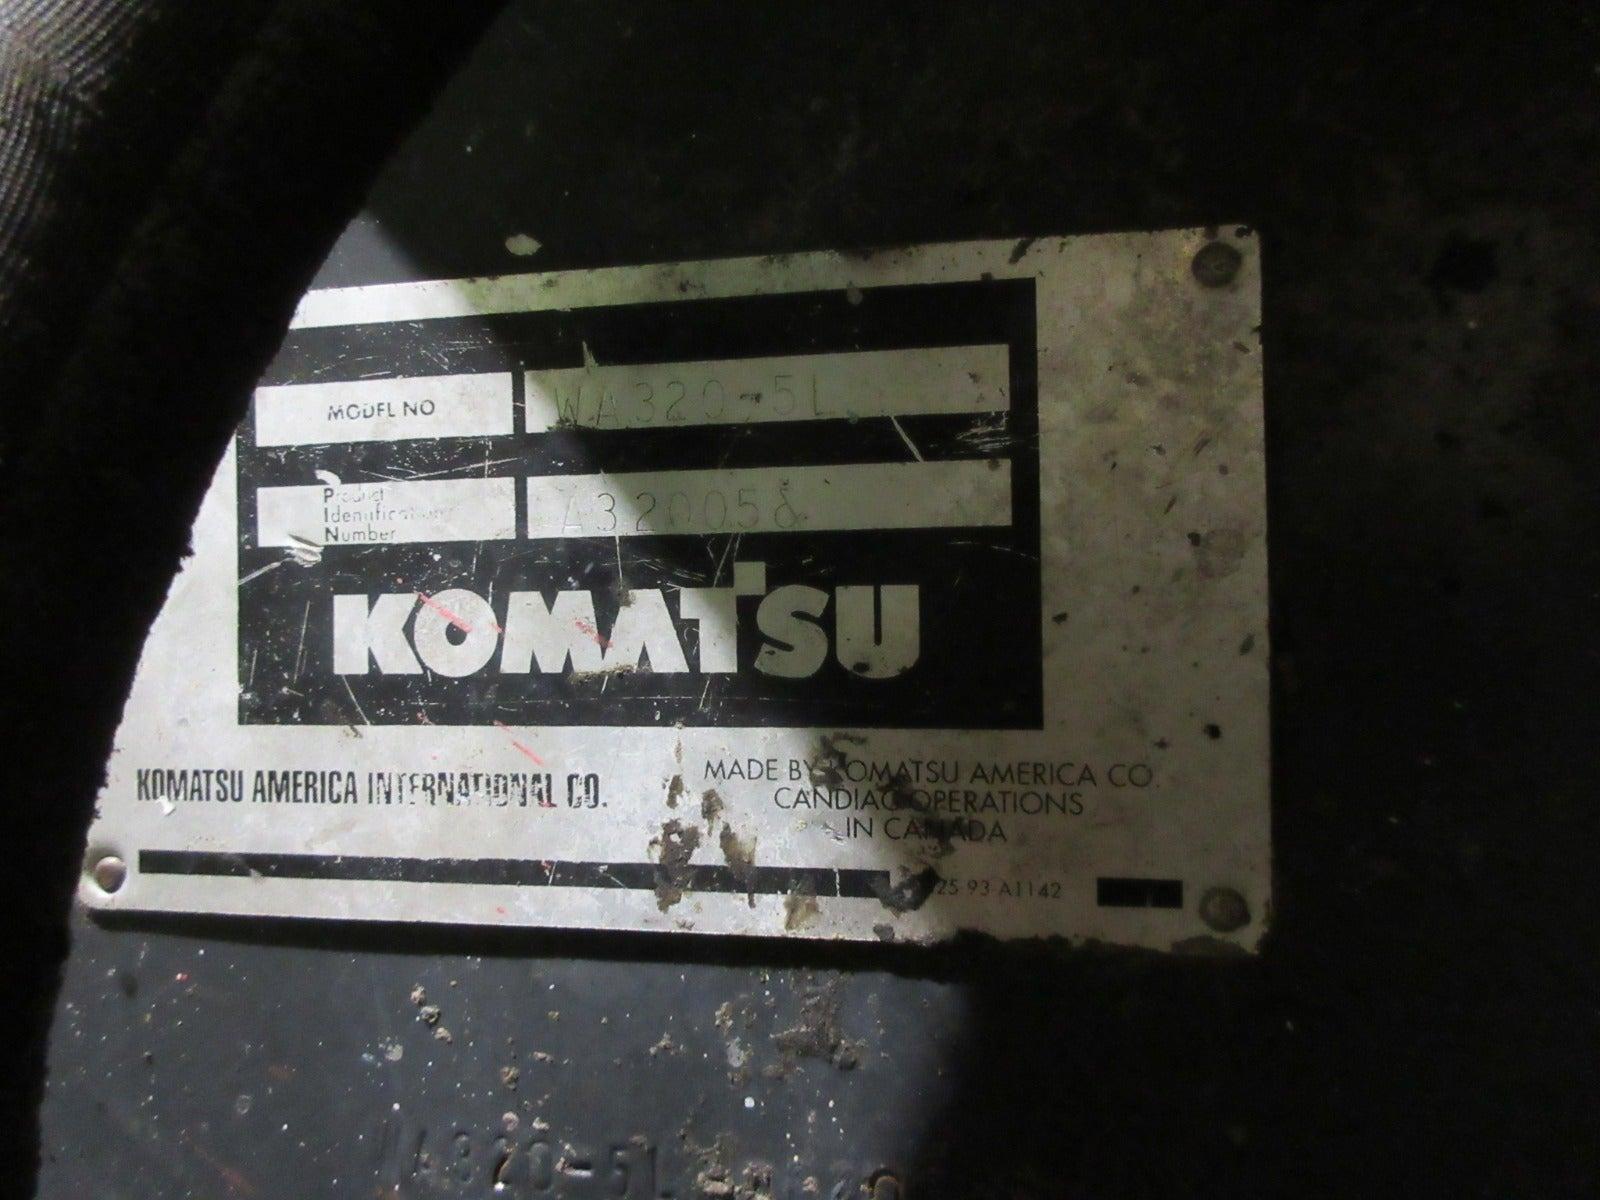 Komatsu WA320-5L Wheel Loader teardown machine photo 7